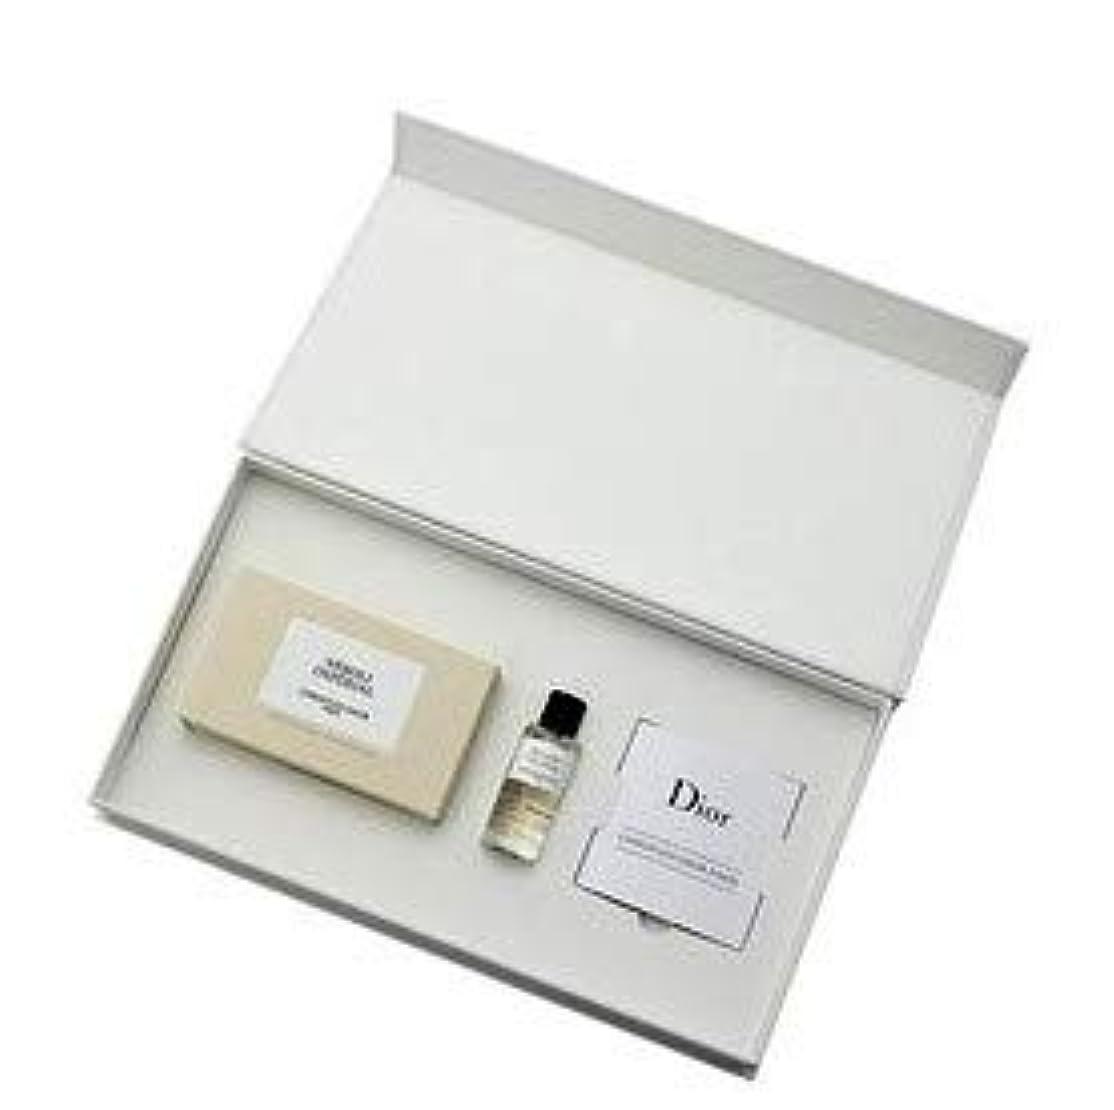 ヒントファーザーファージュ手がかりクリスチャンディオール Dior メゾンクリスチャンディオールラグジュアリーセット 100g 7.5ml